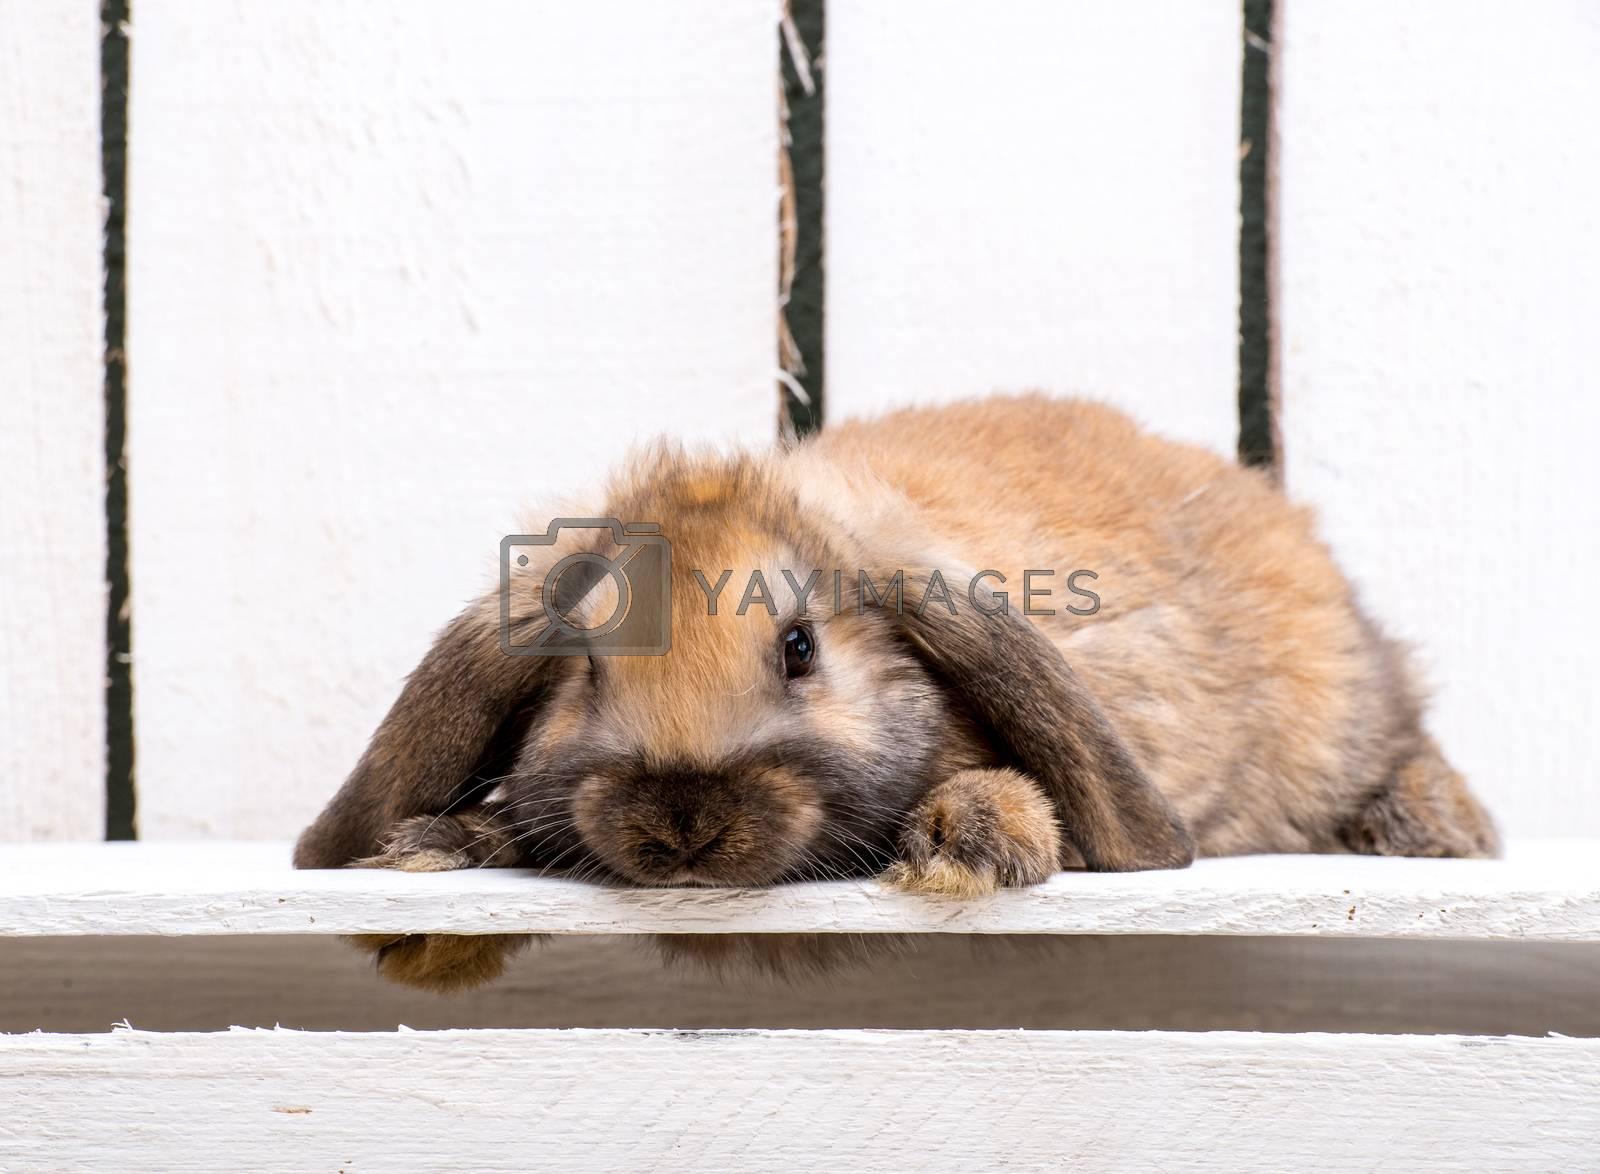 Royalty free image of brown bunny by GekaSkr